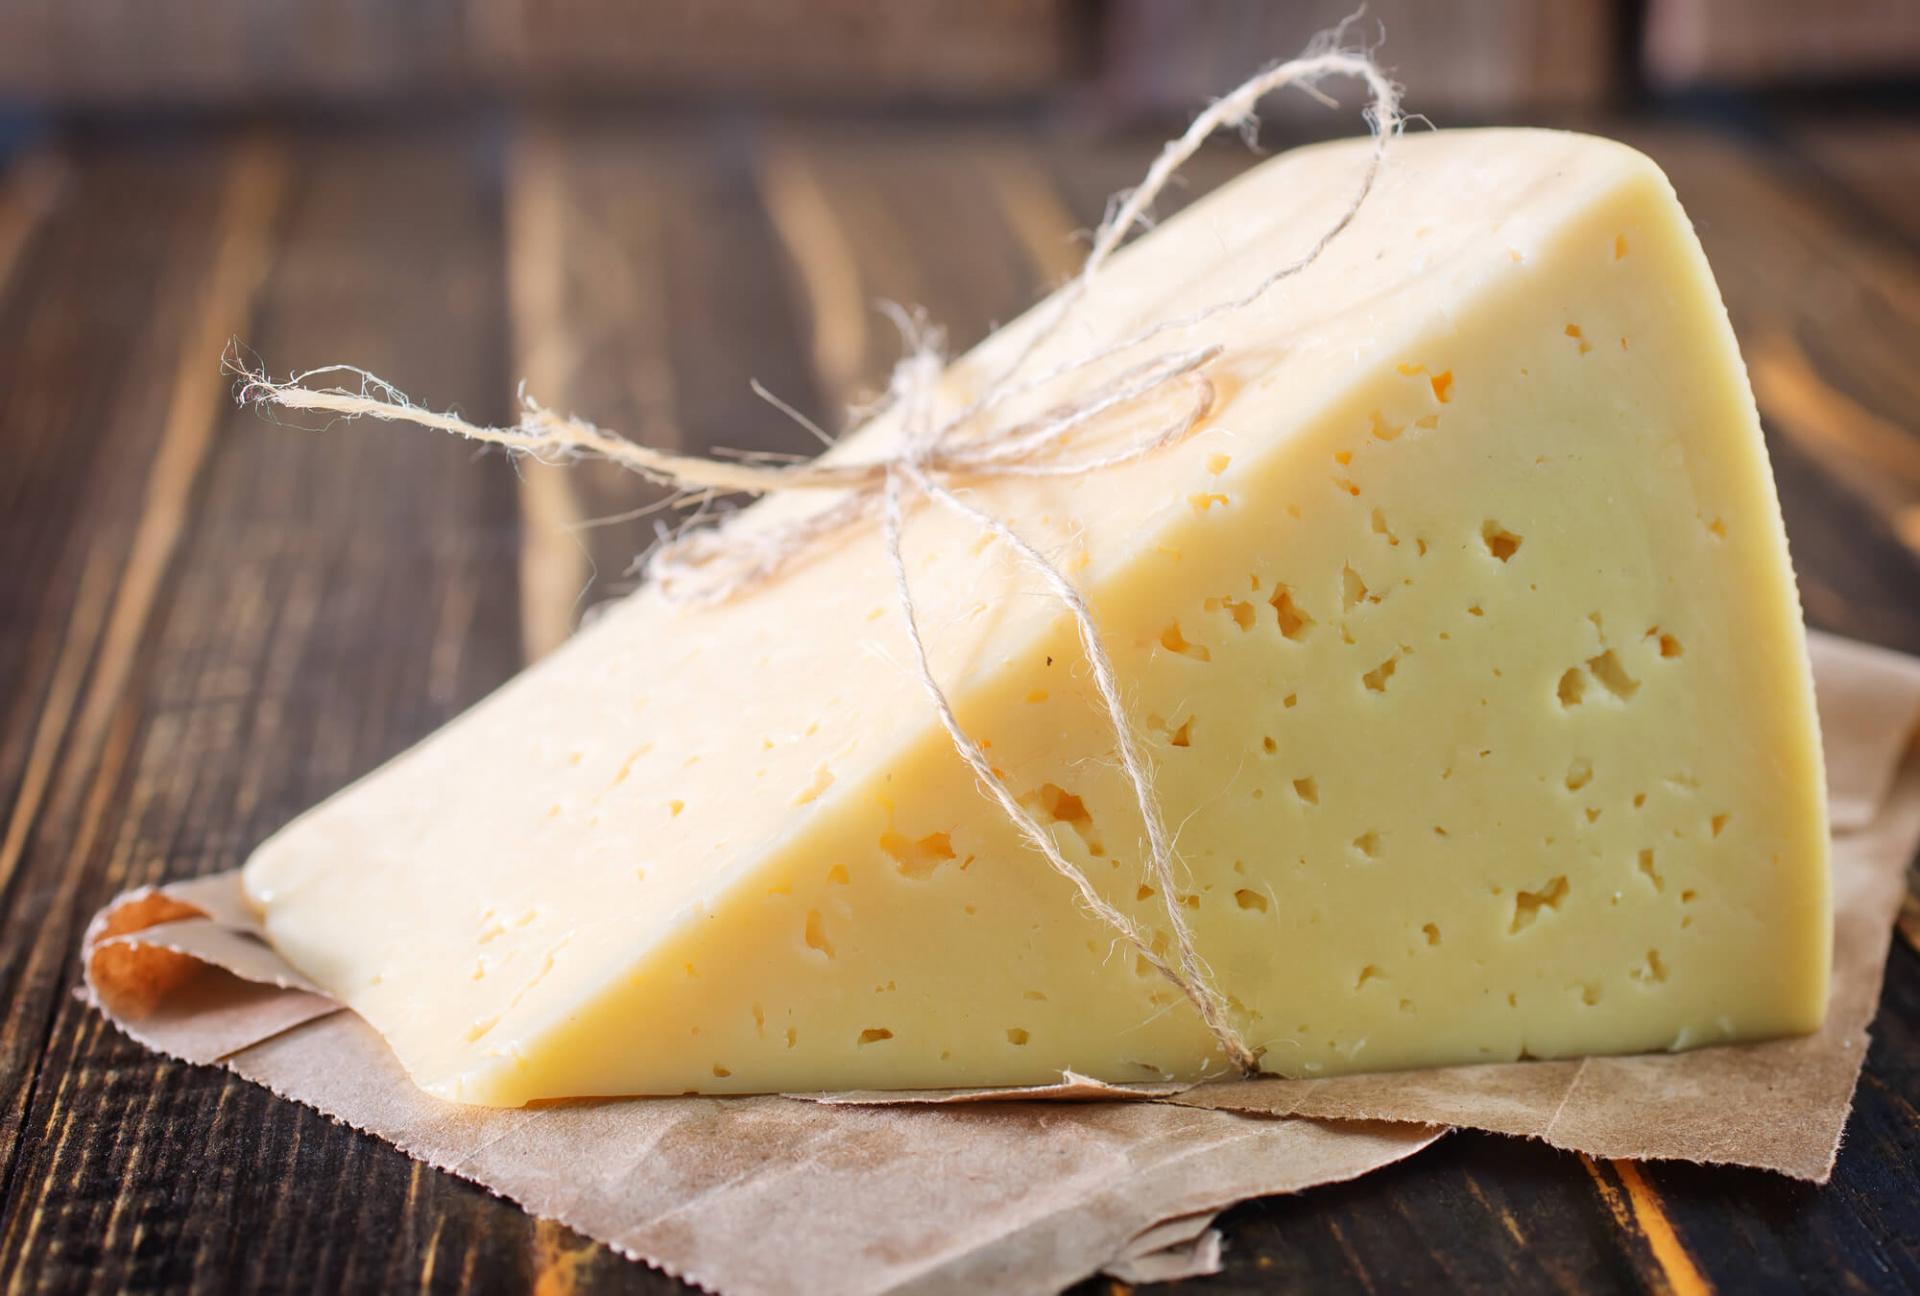 В Тверской области продавали фальсифицированную молочную продукцию